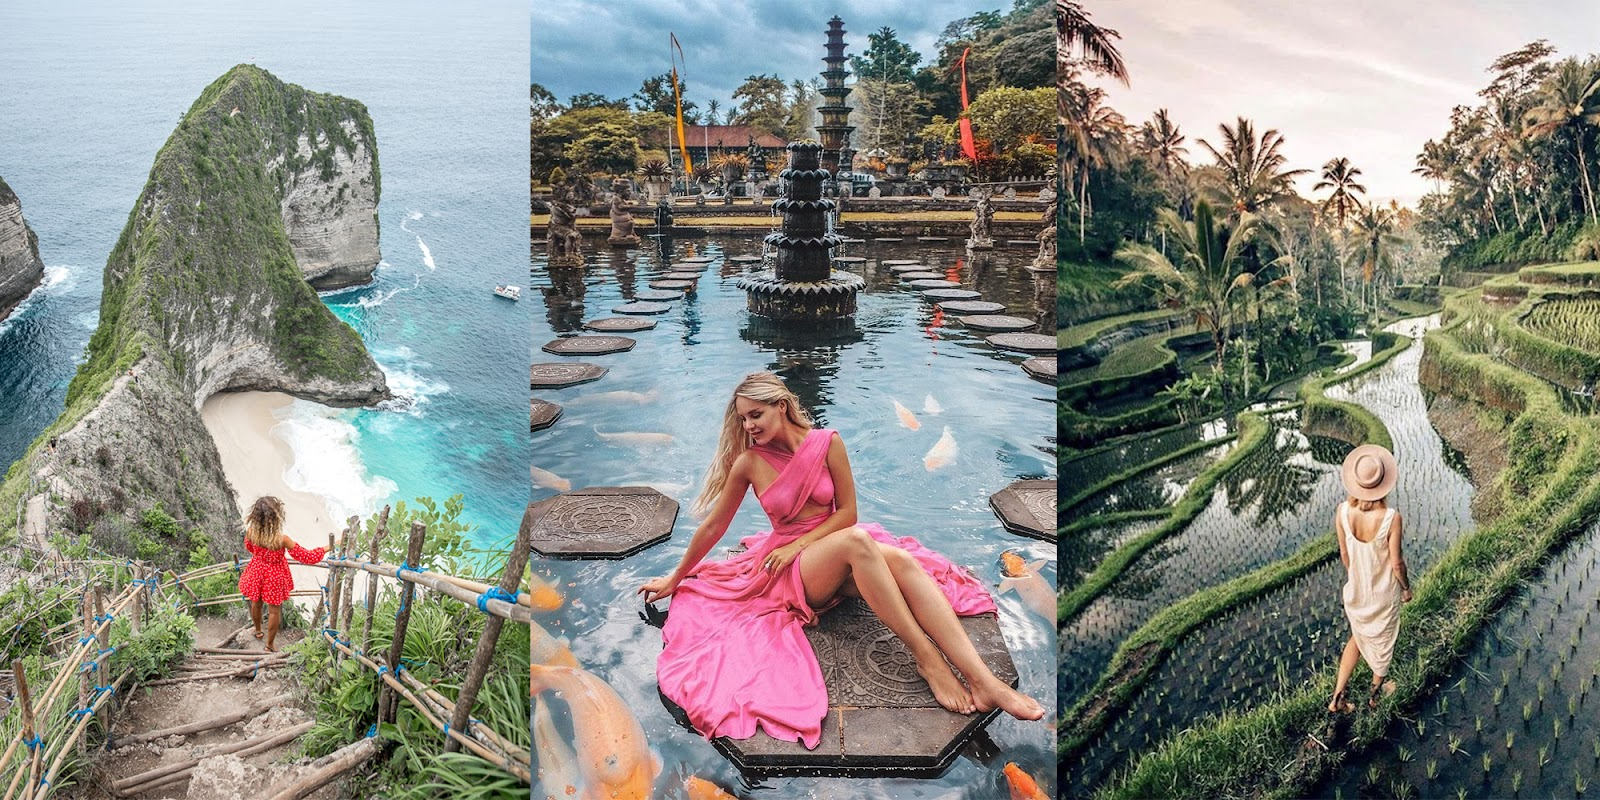 Бали - уникальный отдых на острове тысячи храмов